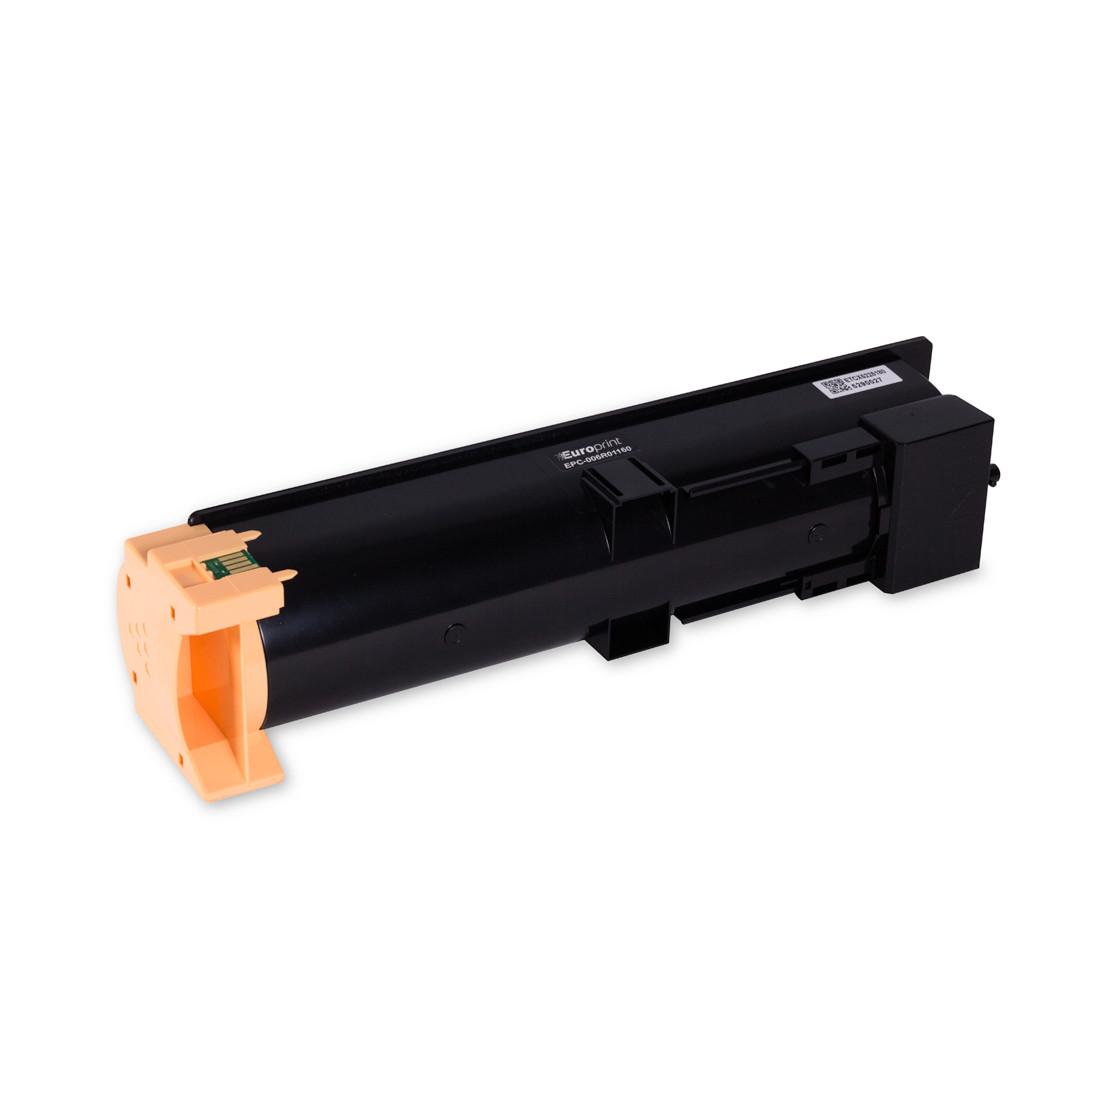 Тонер-картридж Europrint EPC-006R01160